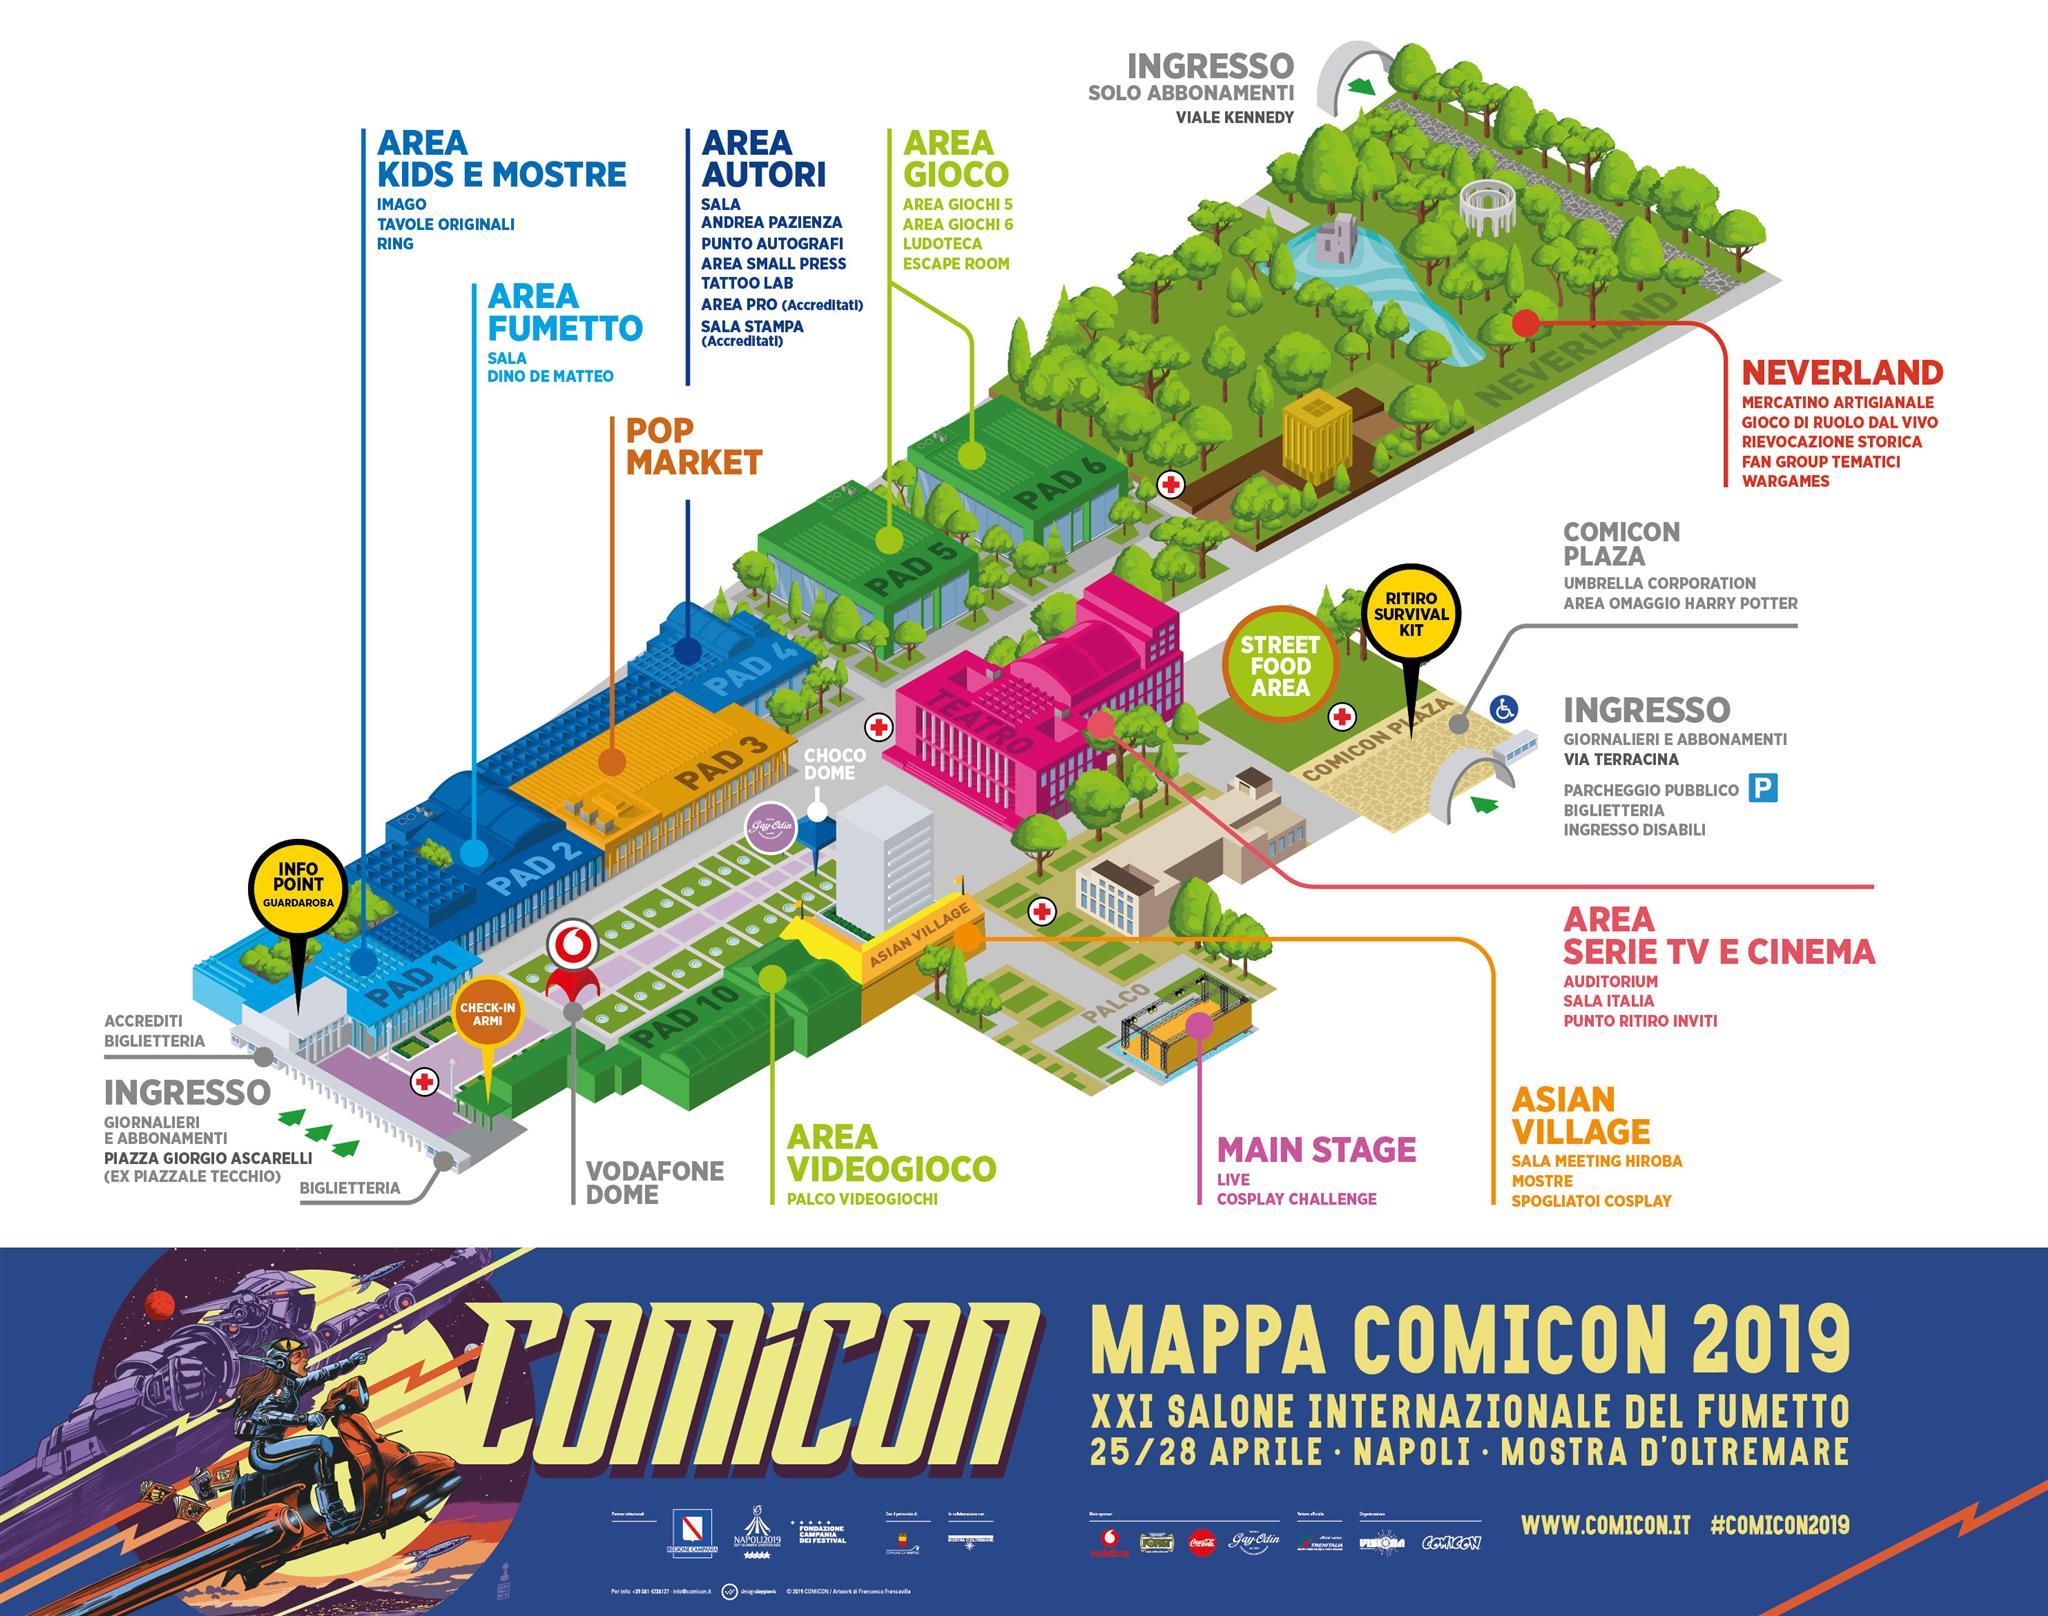 Mappa Comicon 2019